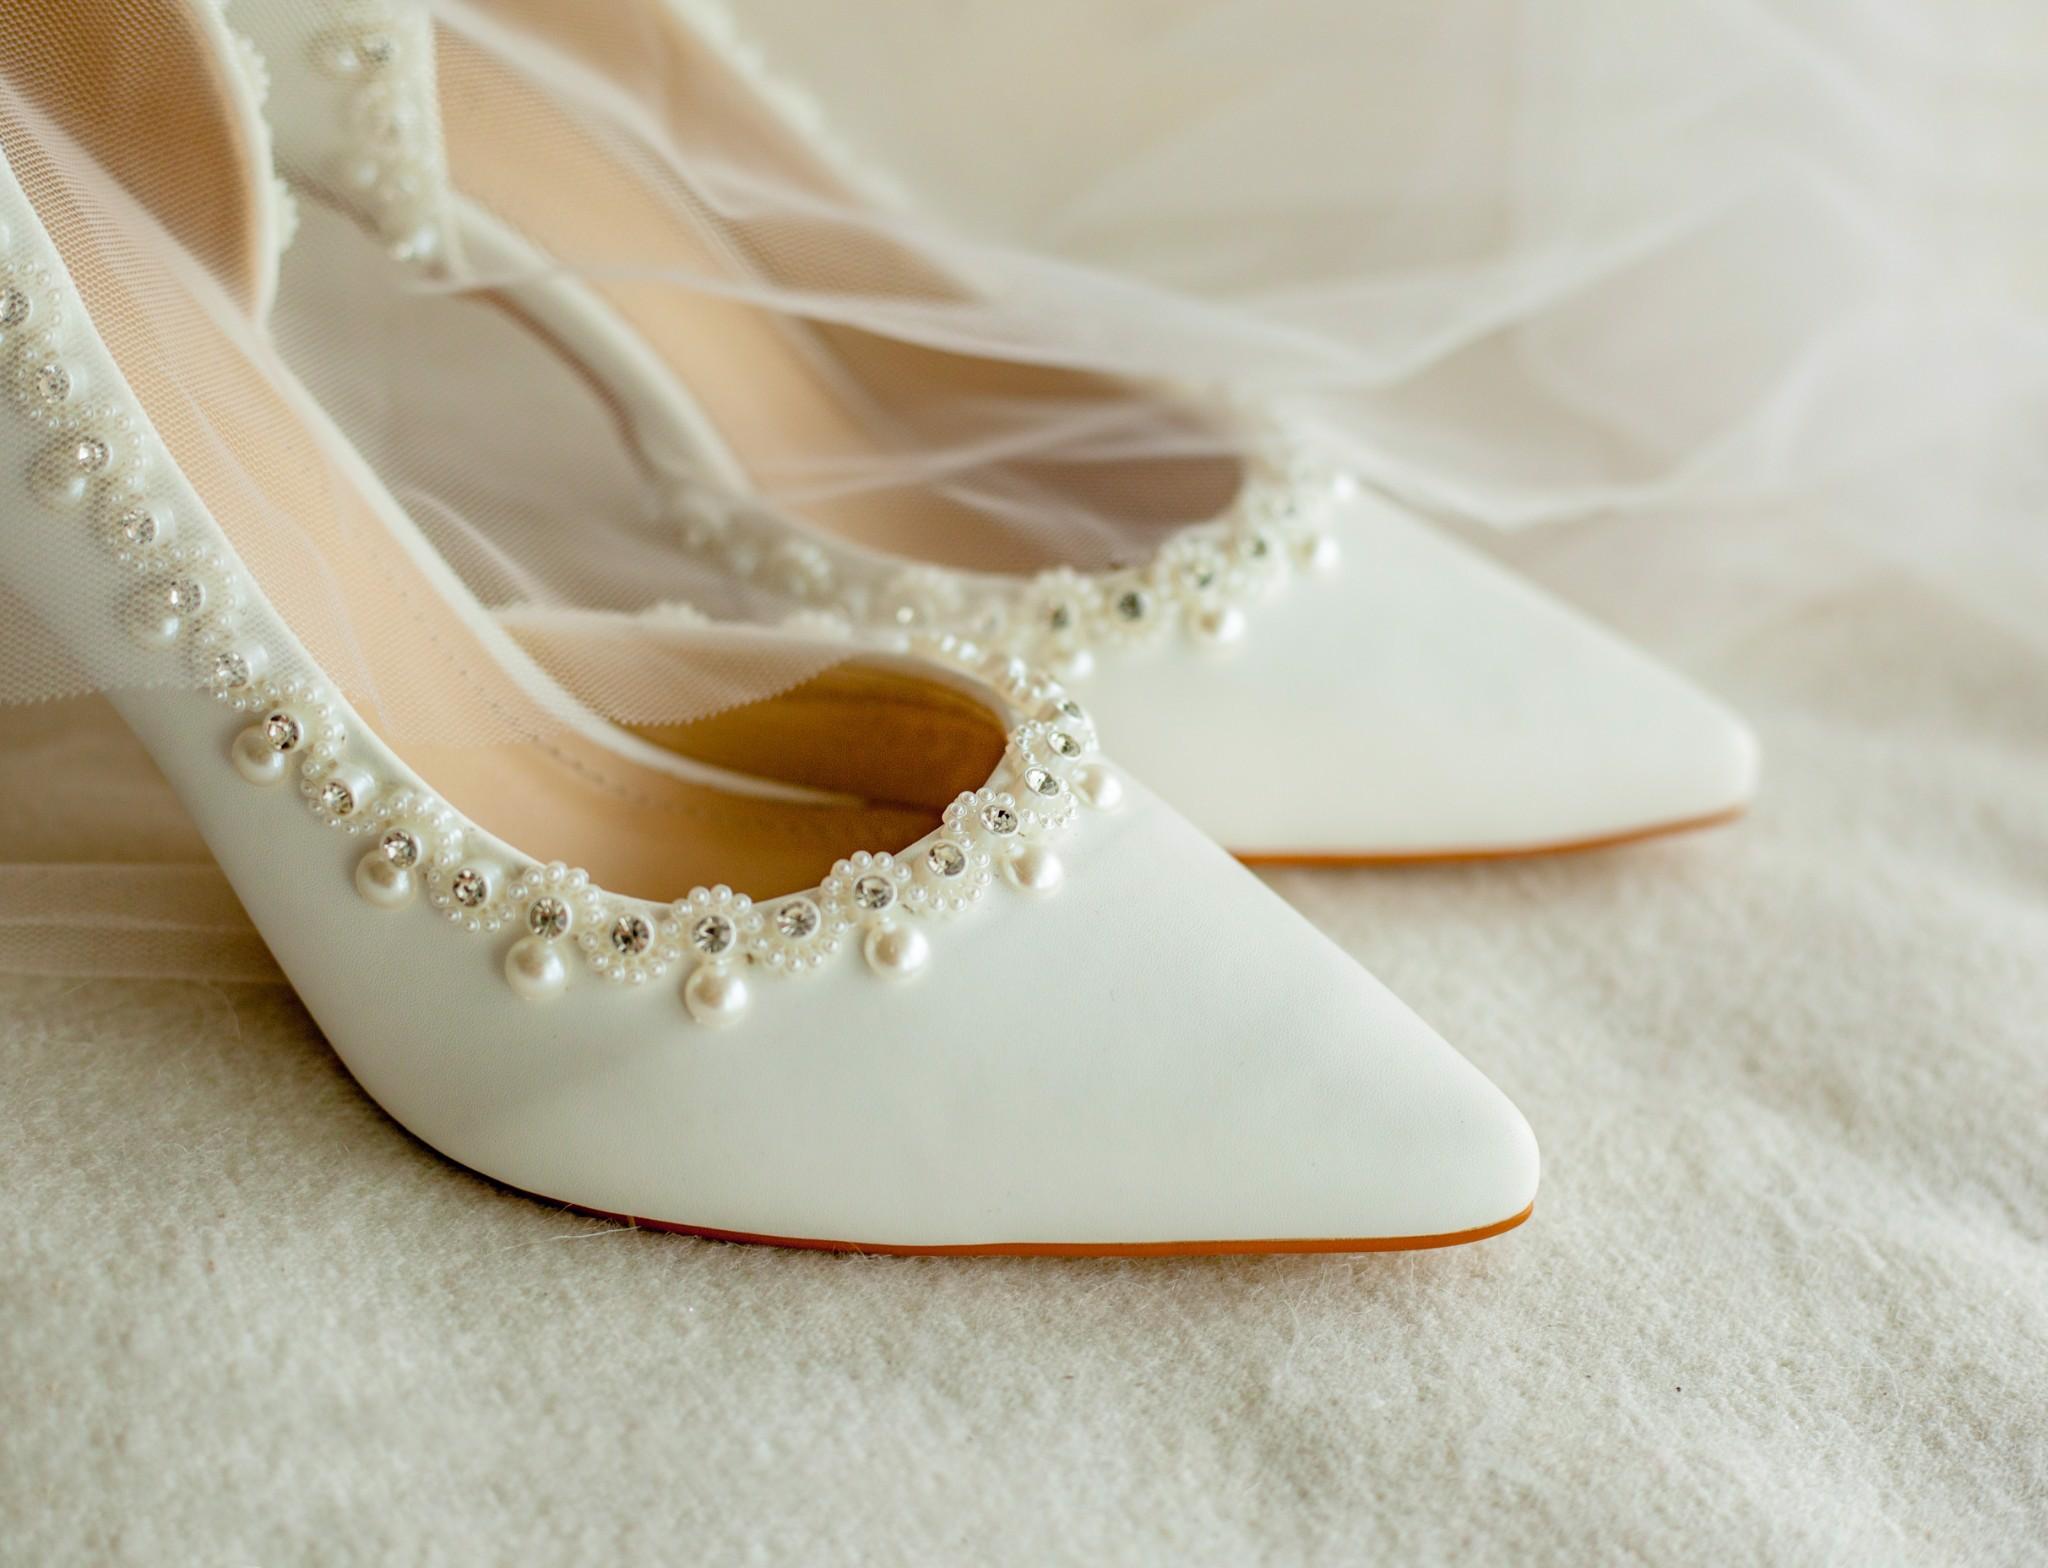 Giày cưới BEJO đẹp êm mềm nhẹ